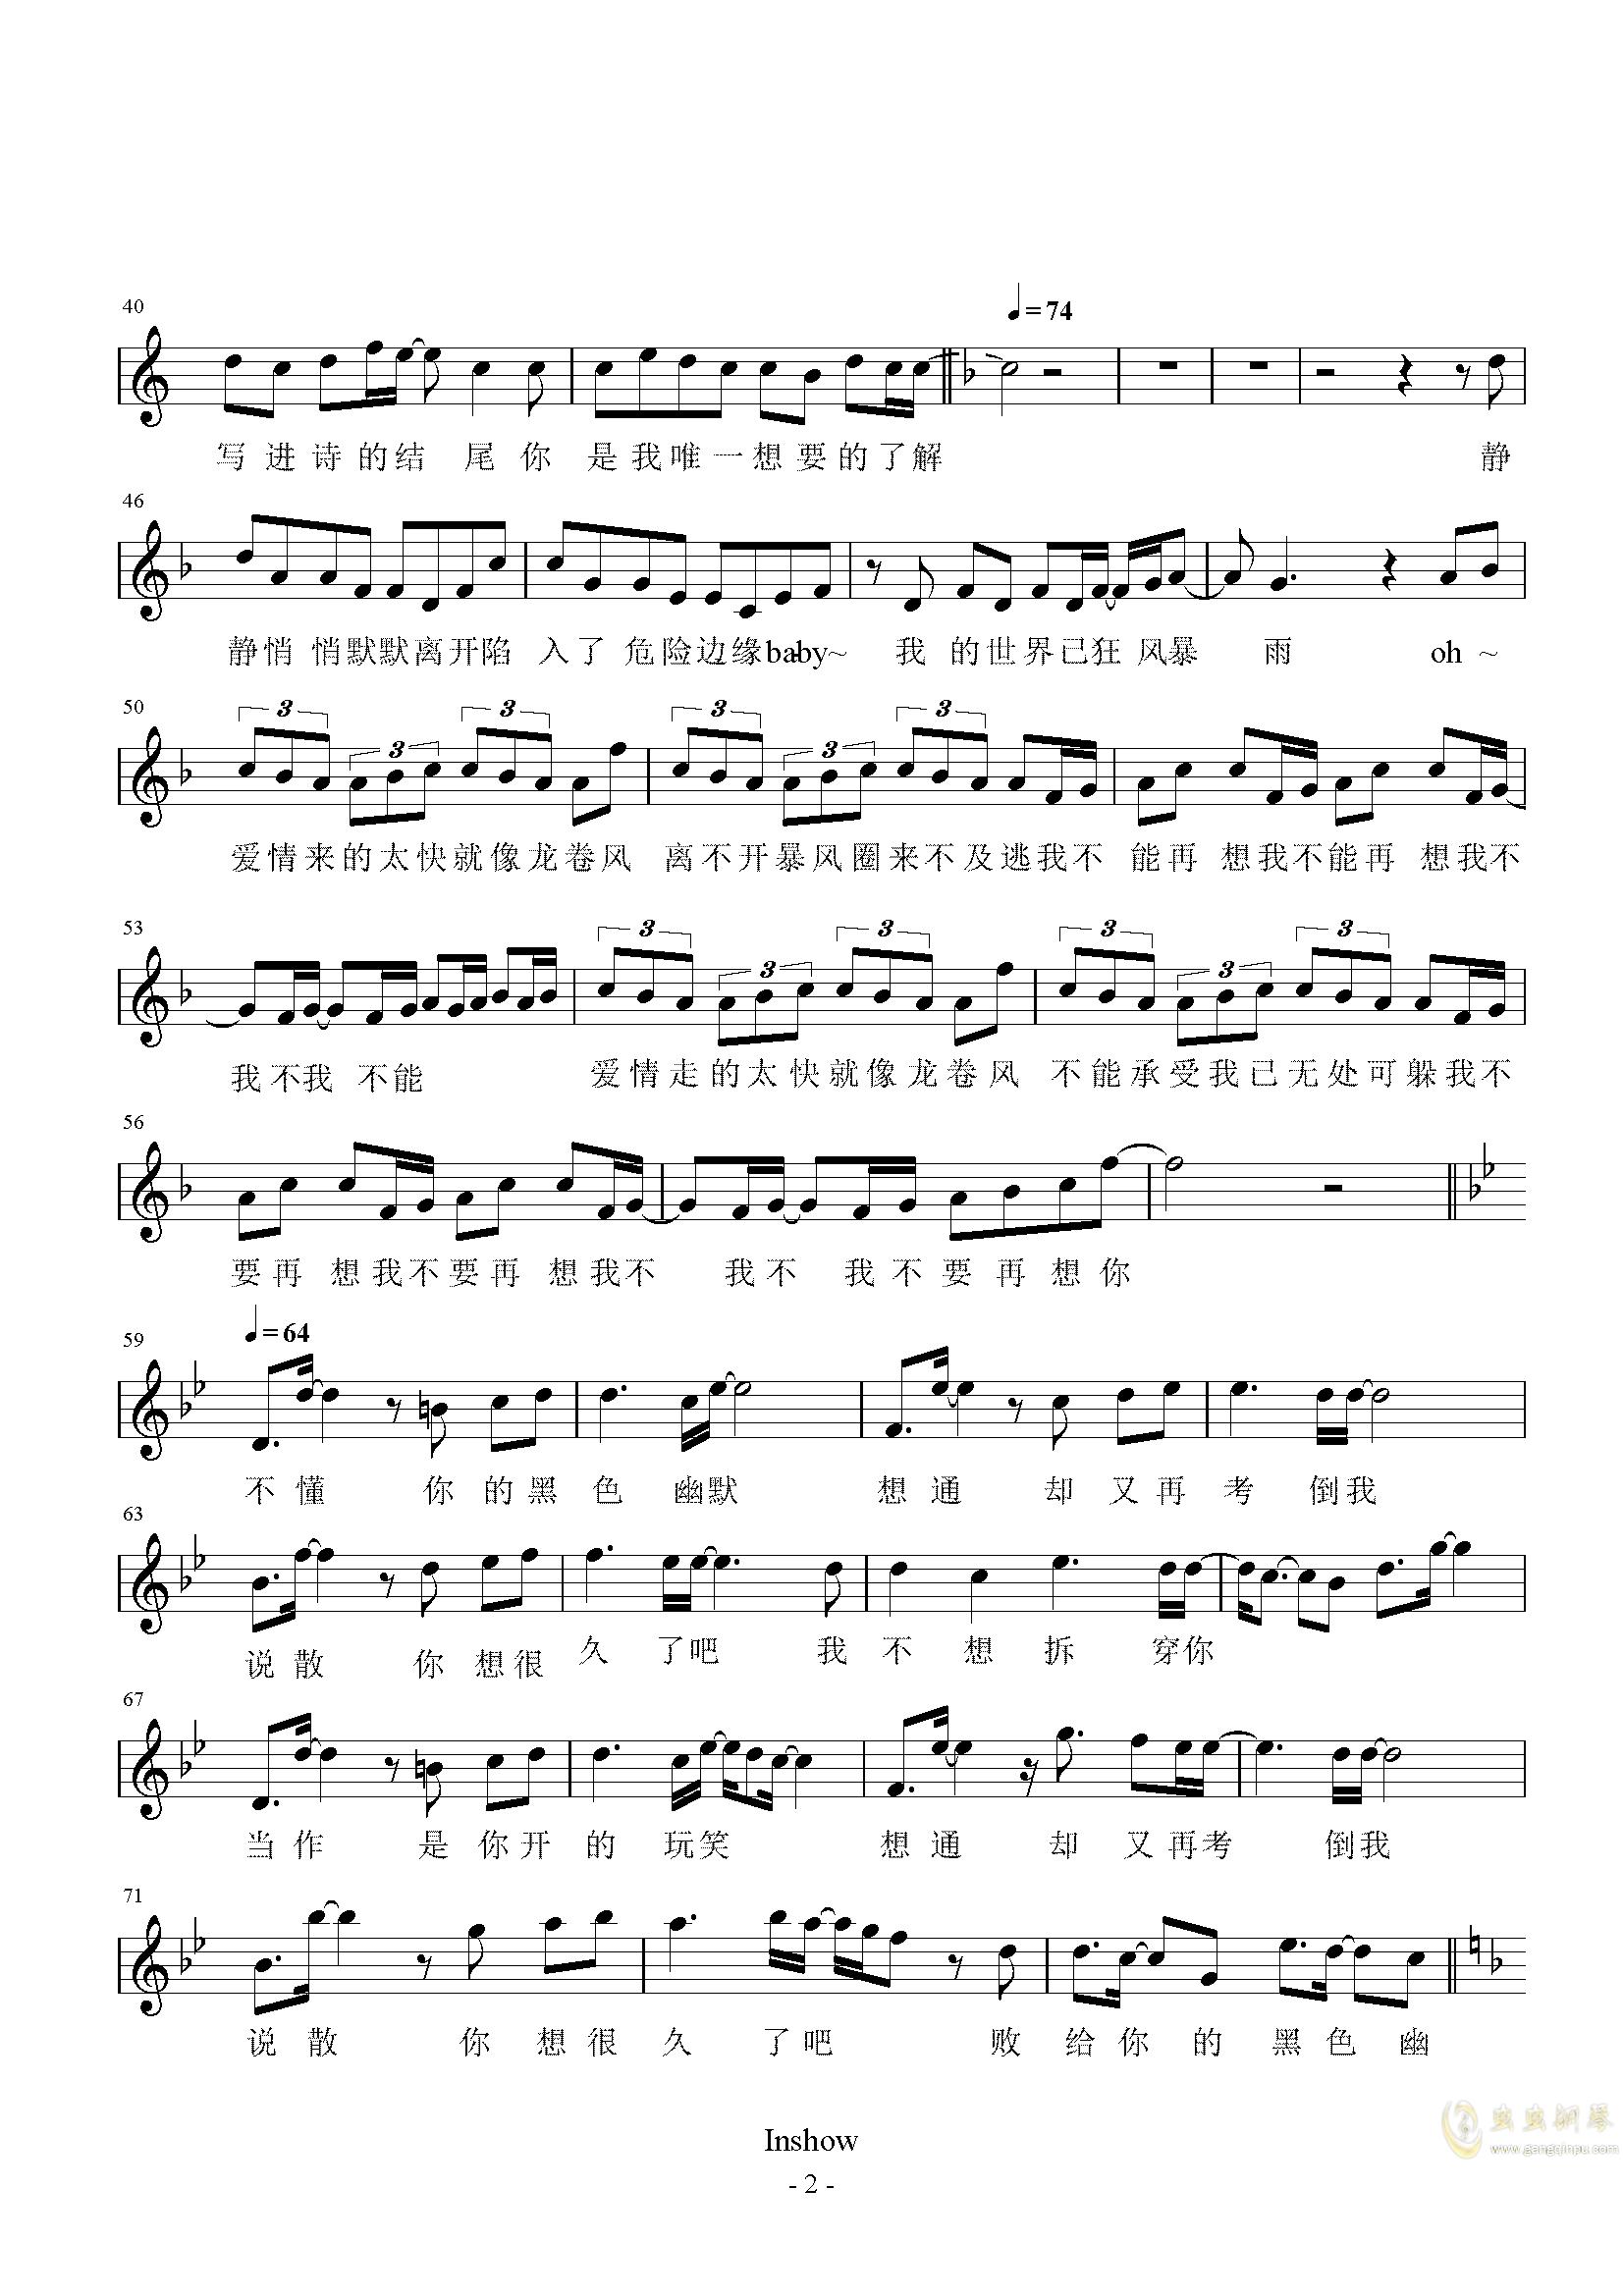 周杰伦情歌串烧钢琴谱 第2页